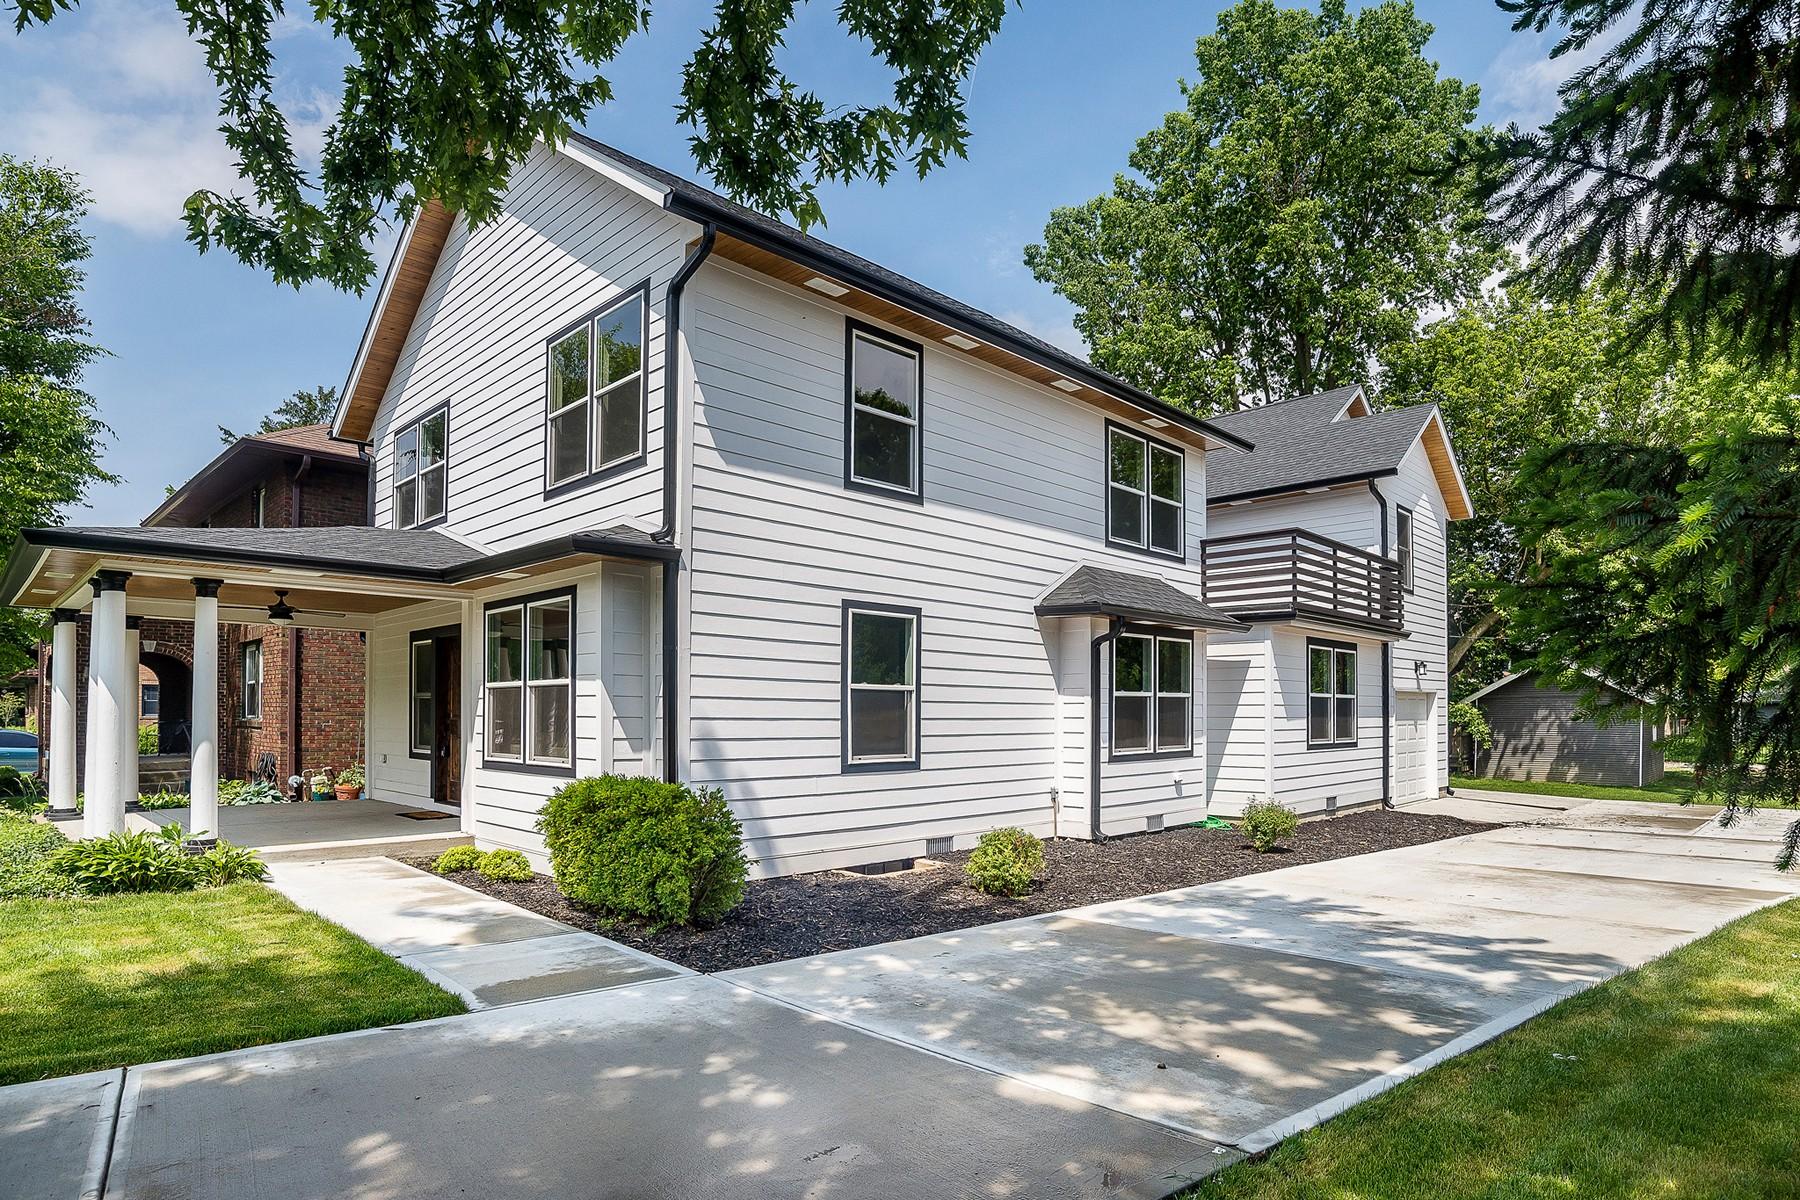 단독 가정 주택 용 매매 에 Completely Renovated & Updated! 4927 N. Pennsylvania Street Indianapolis, 인디애나, 46205 미국